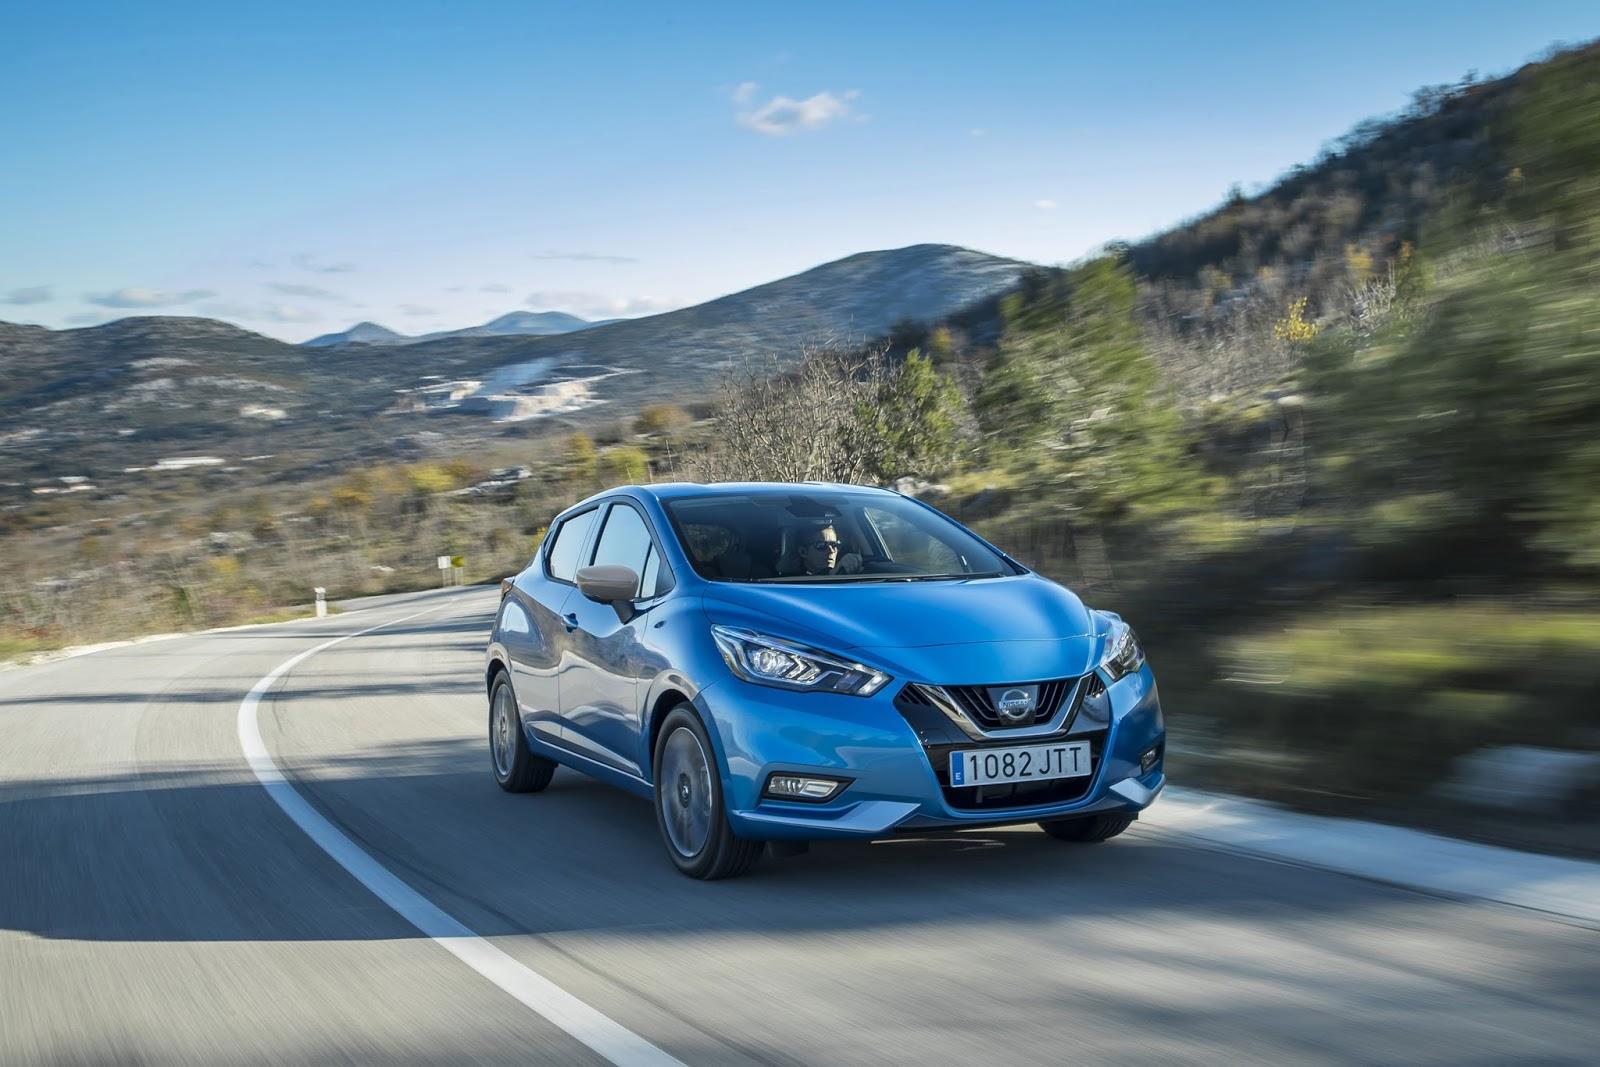 Με τιμή που ξεκινά από τις 12.090€, το συναρπαστικό νέο Nissan MICRA έρχεται τέλη Απριλίου και στην χώρα μας